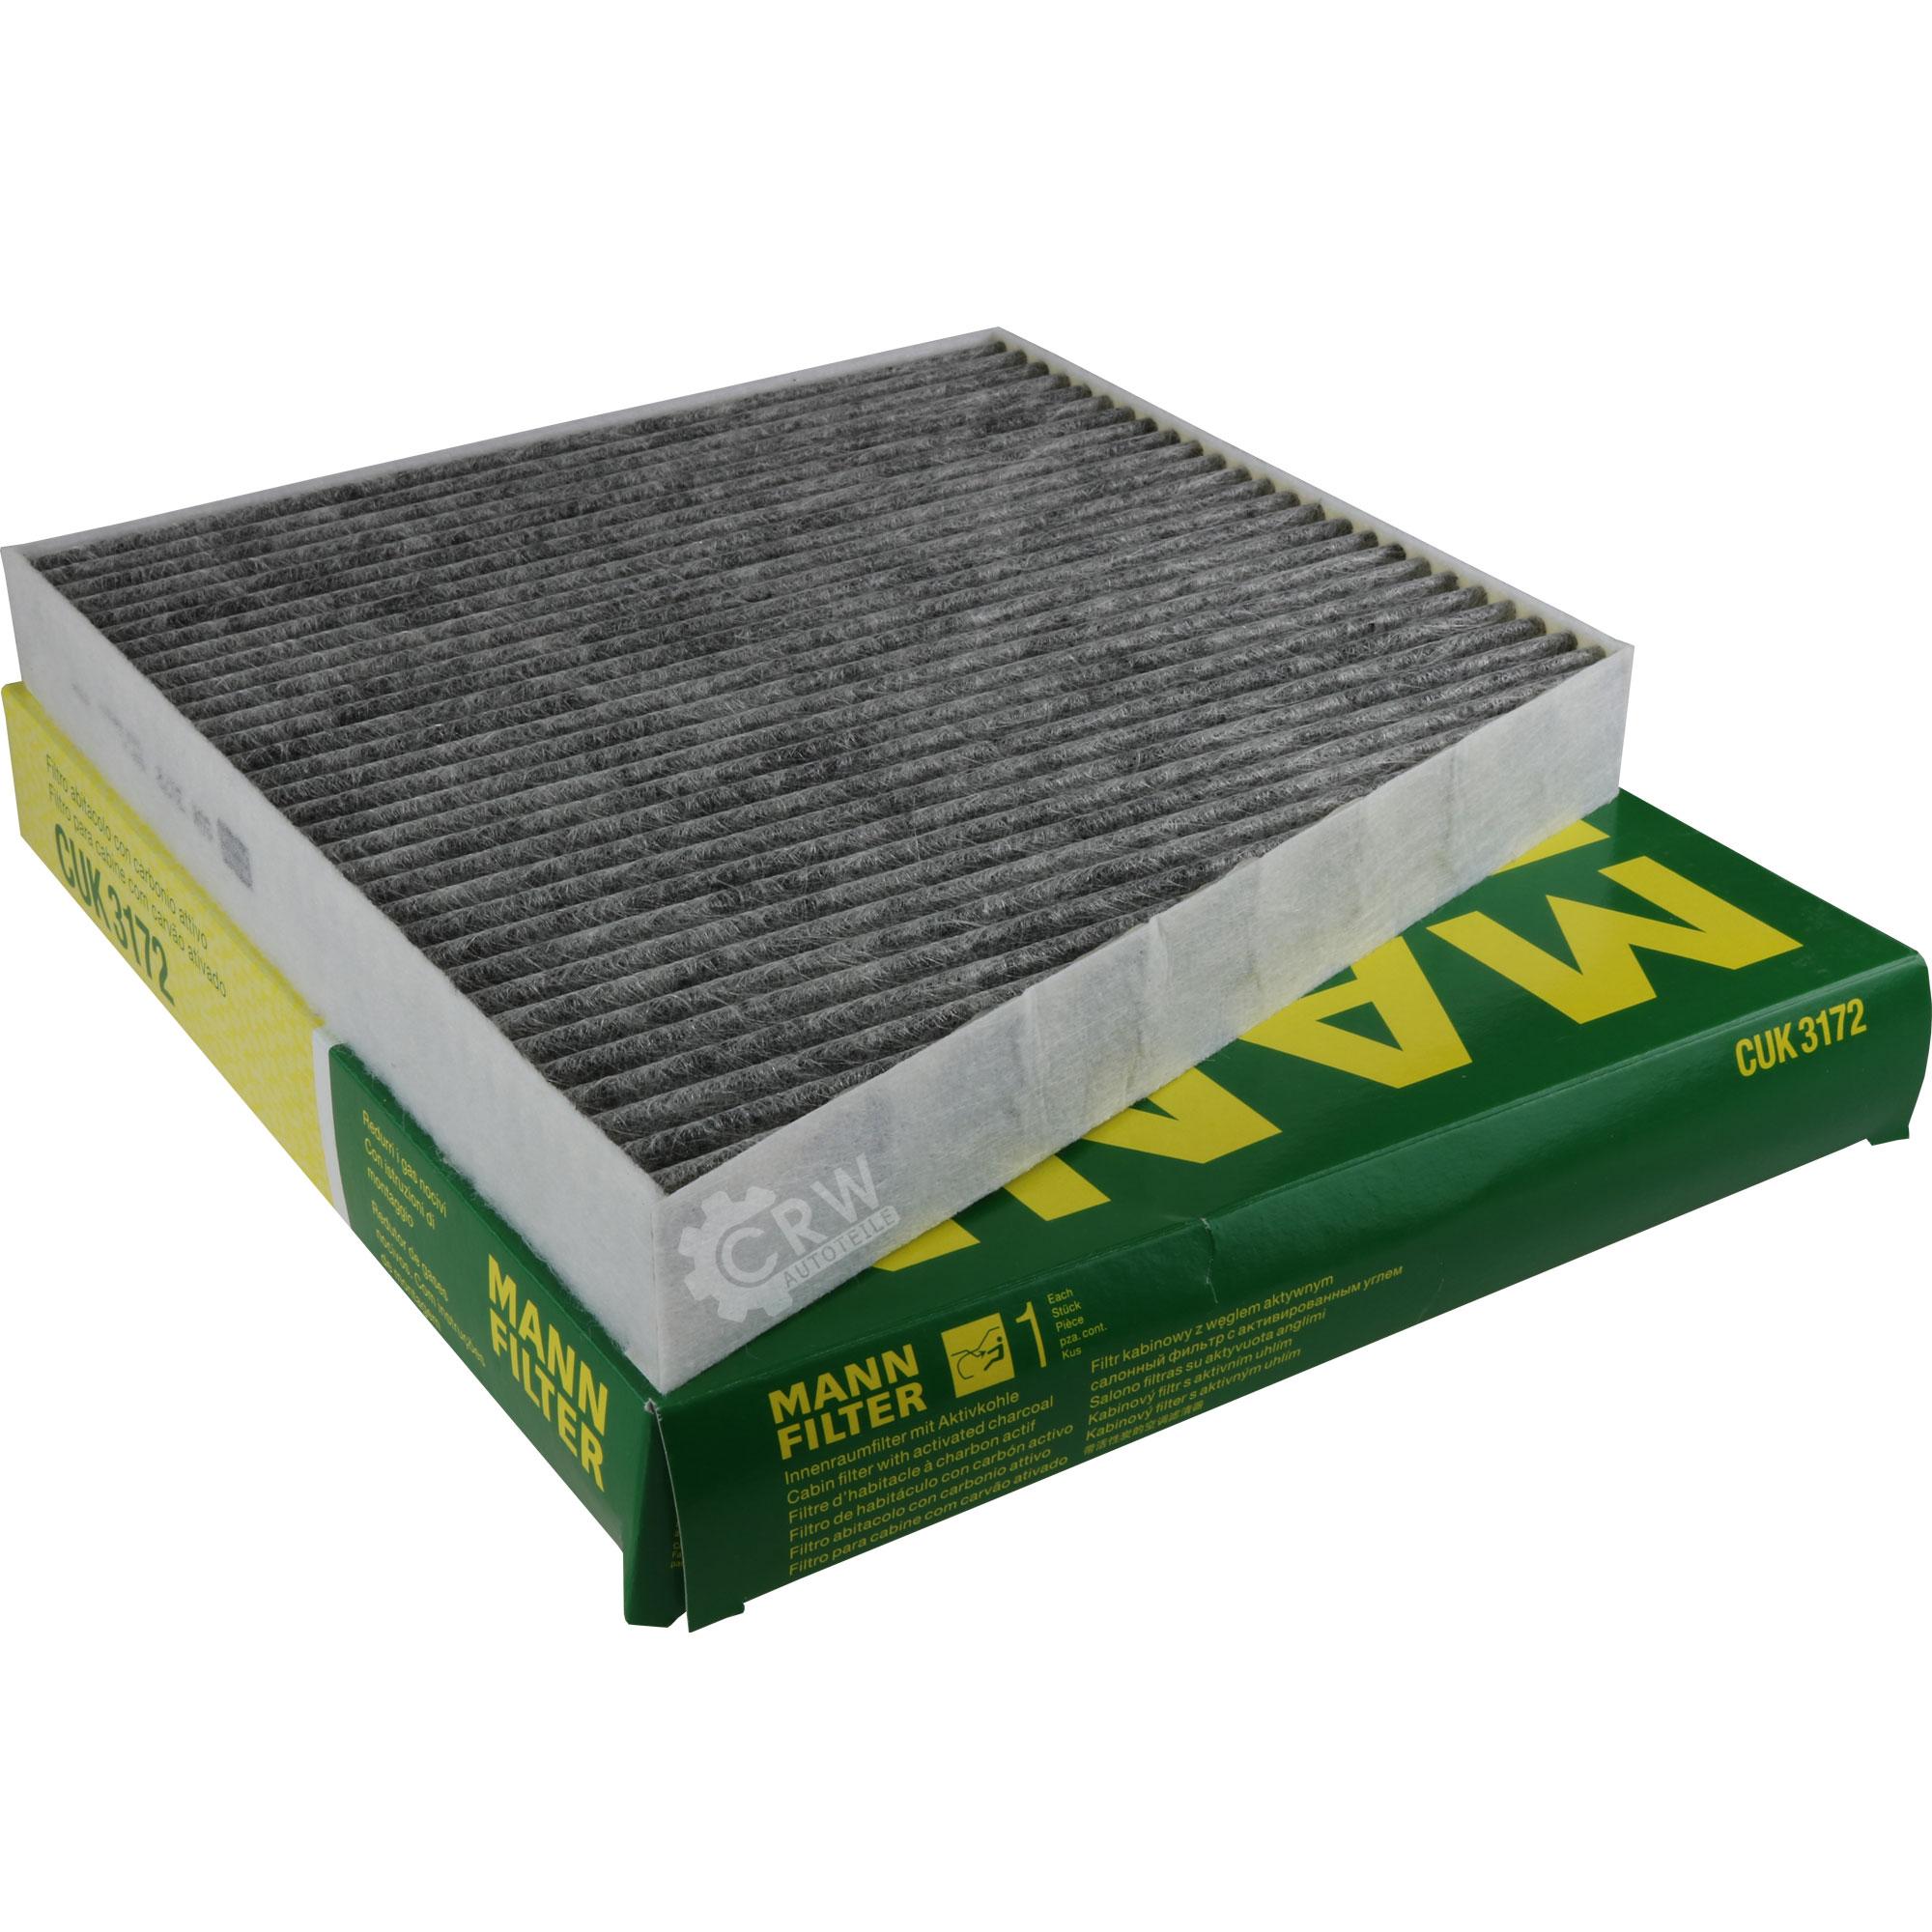 Inspektionspaket-10L-Mercedes-Ol-229-51-5W30-MANN-Filterpaket-11134374 Indexbild 4